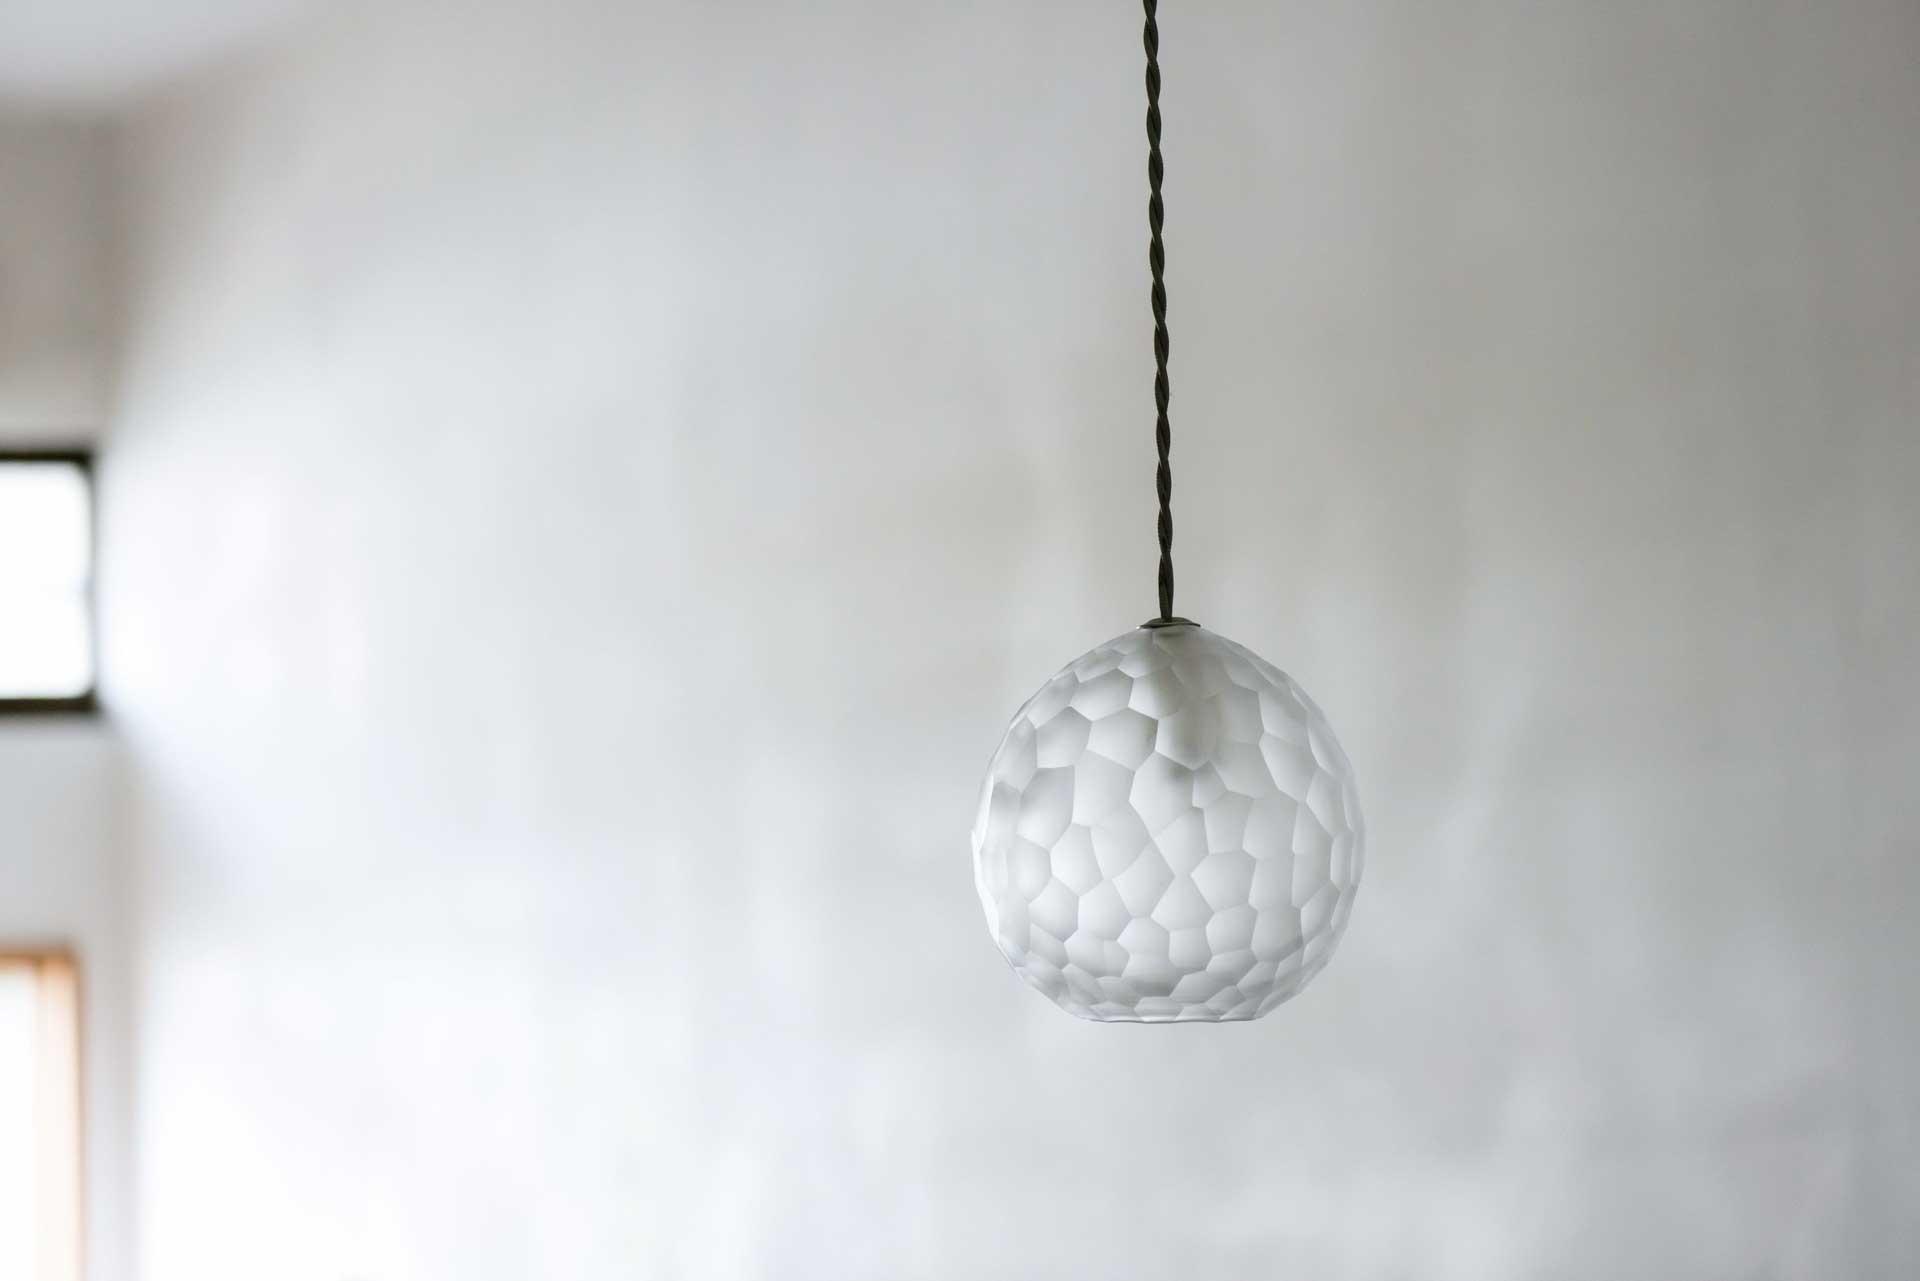 ギャラリーの天井から吊るした削紋ランプシェード。白い塗り壁を背景にしたすっきり美しい写真